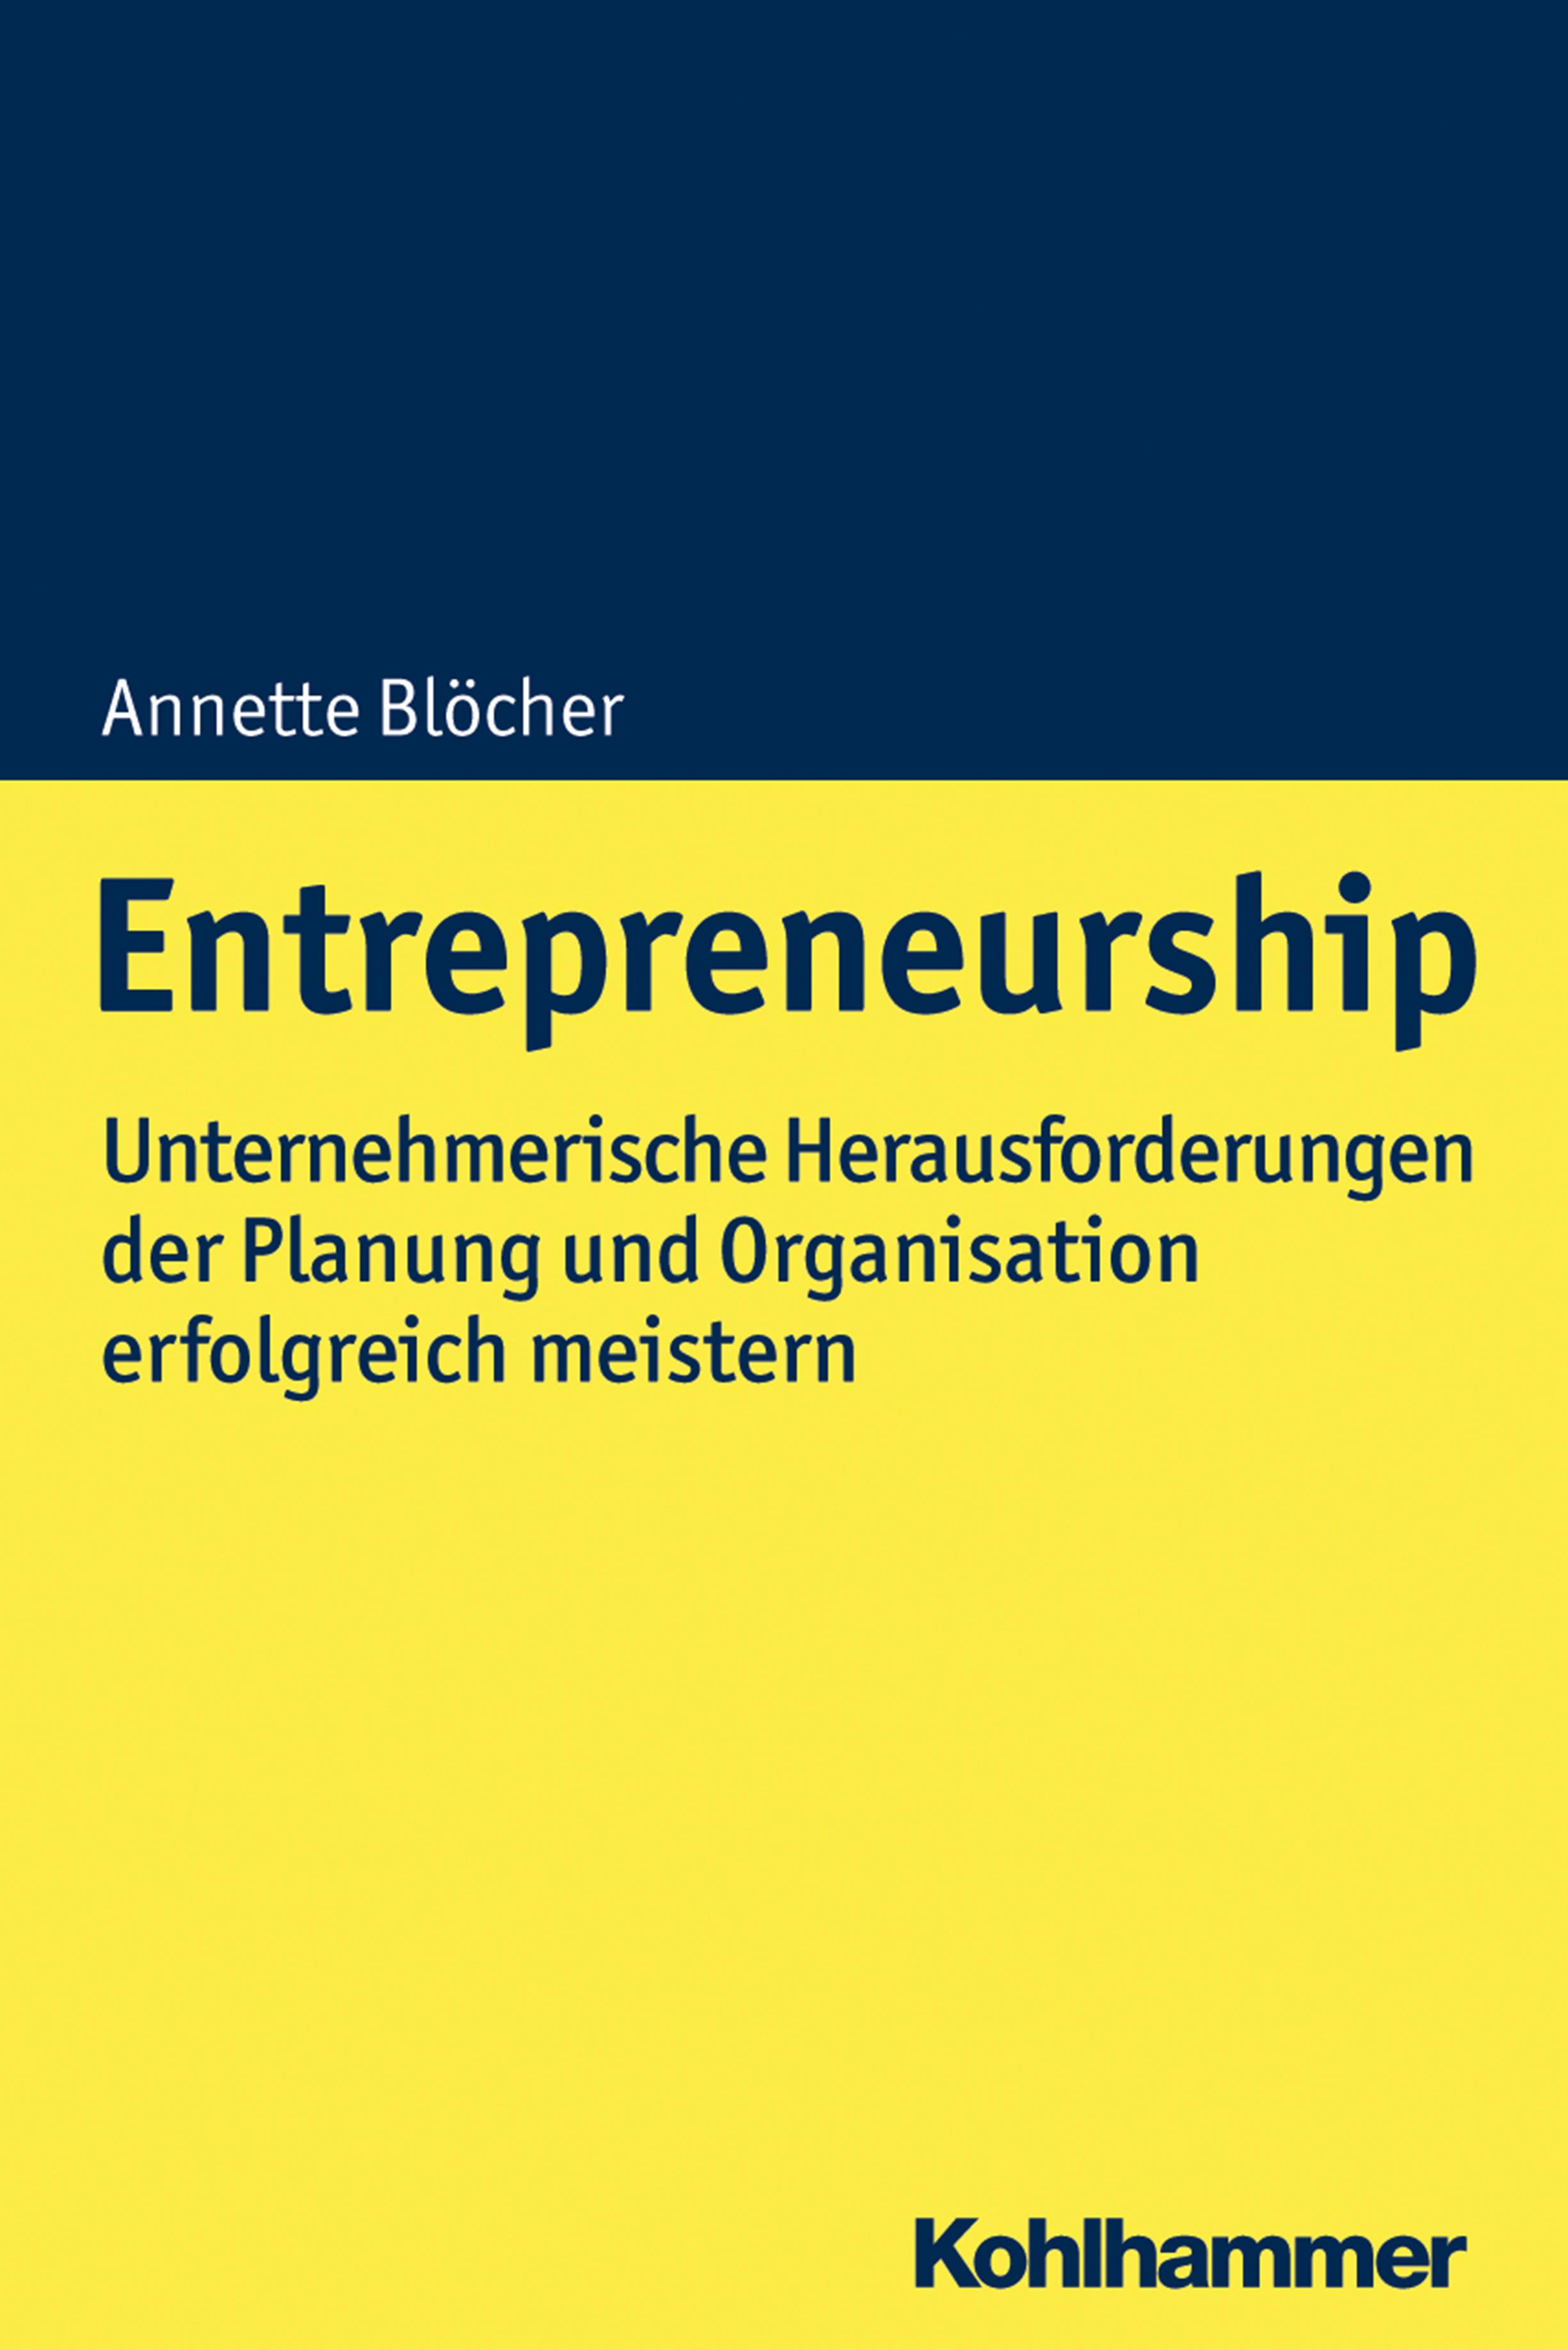 Annette Blöcher Entrepreneurship julian ostendorf die einflussnahme der verbande auf die entscheidungsfindung im gesetzgebungsprozess